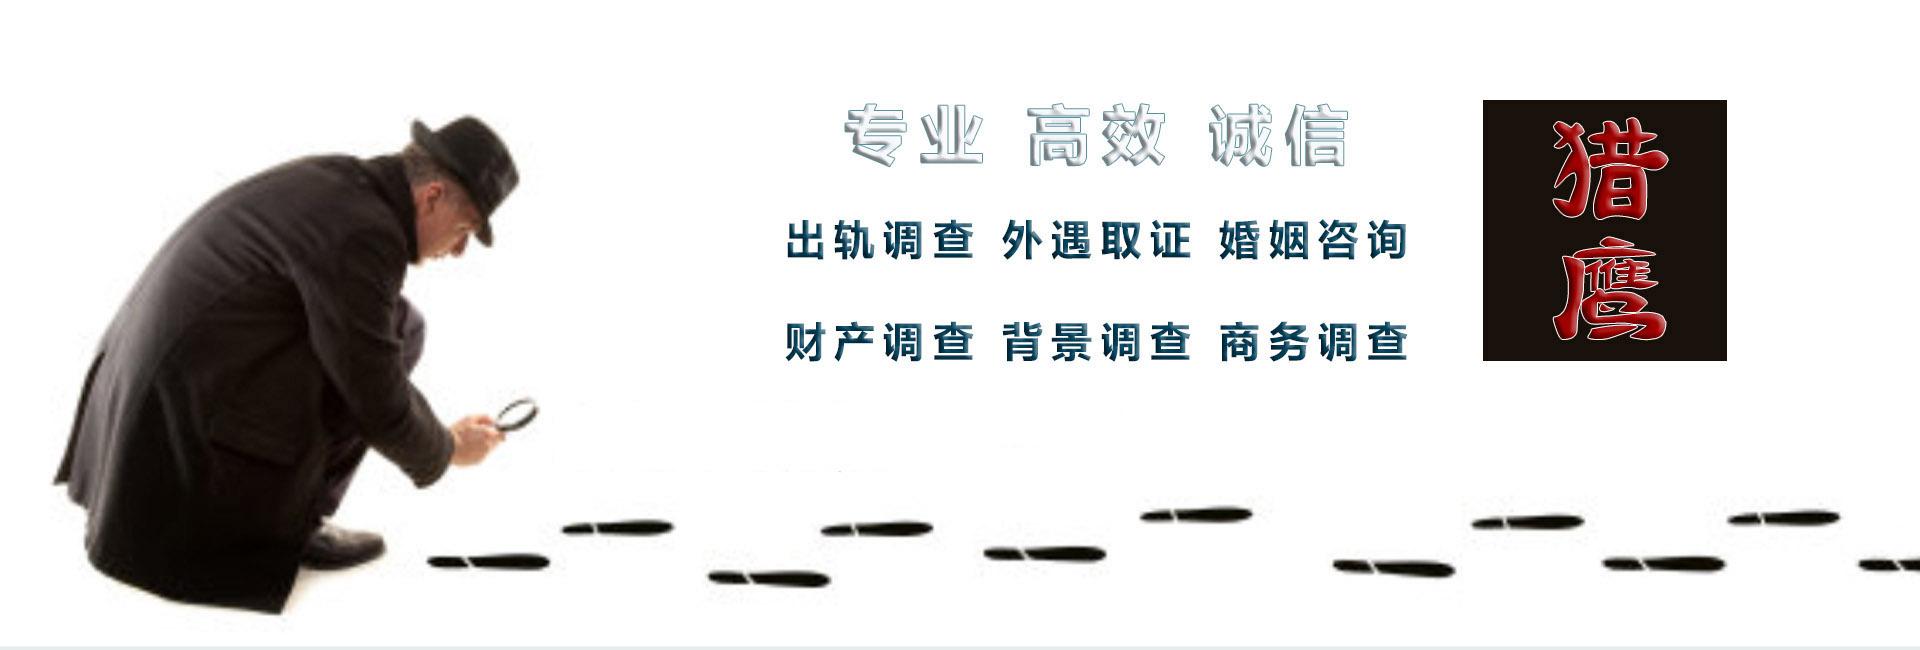 深圳外遇调查公司